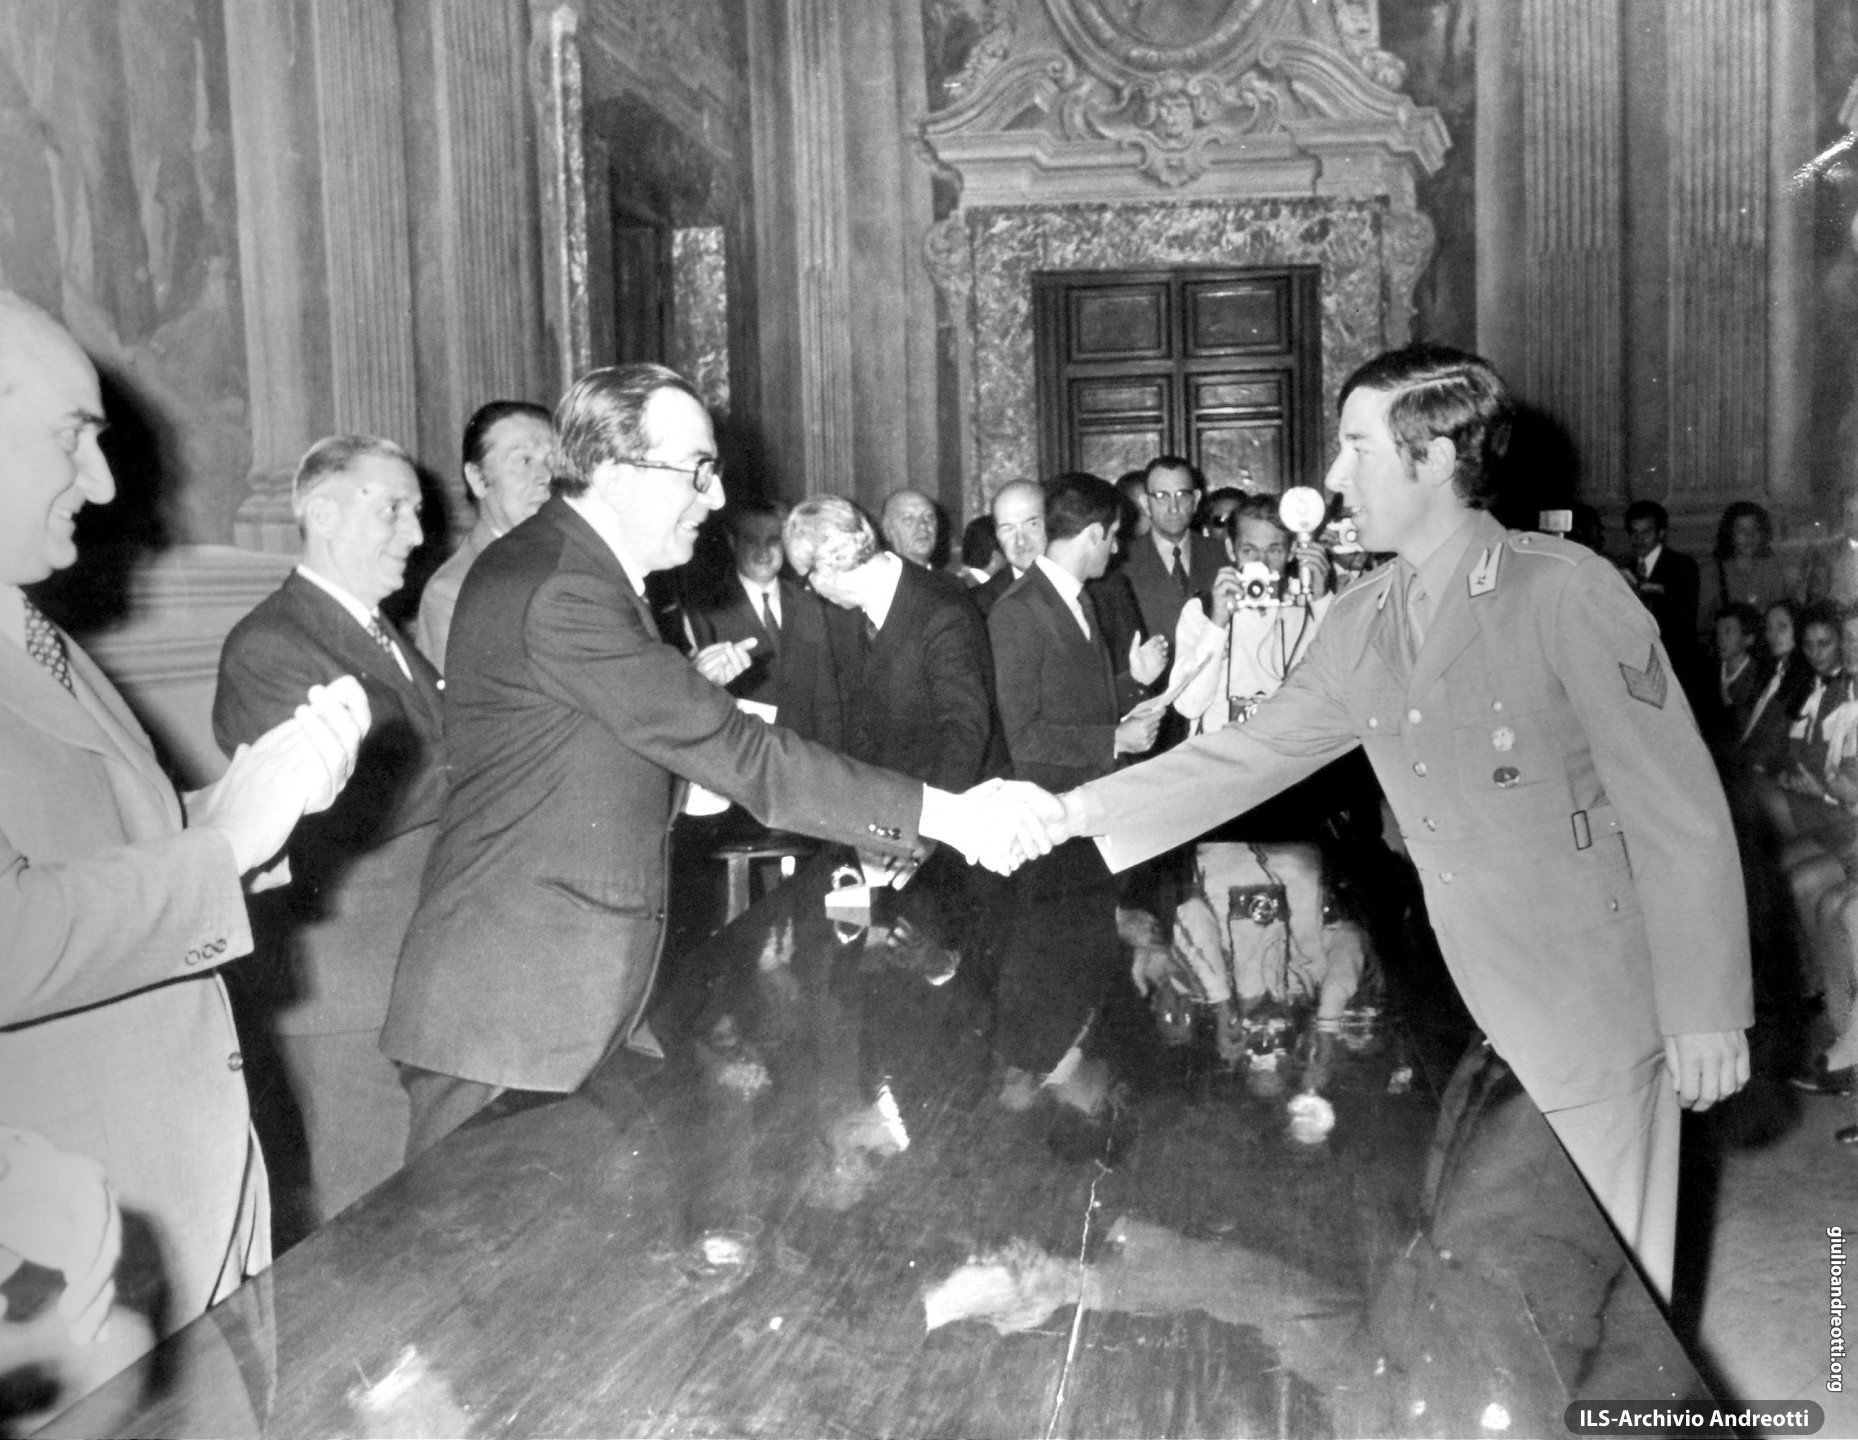 27 settembre 1972. Premiazione a Palazzo Chigi degli atleti italiani vincitori di medaglie alle Olimpiadi di Monaco. Il Presidente premia Gustav Thoeni